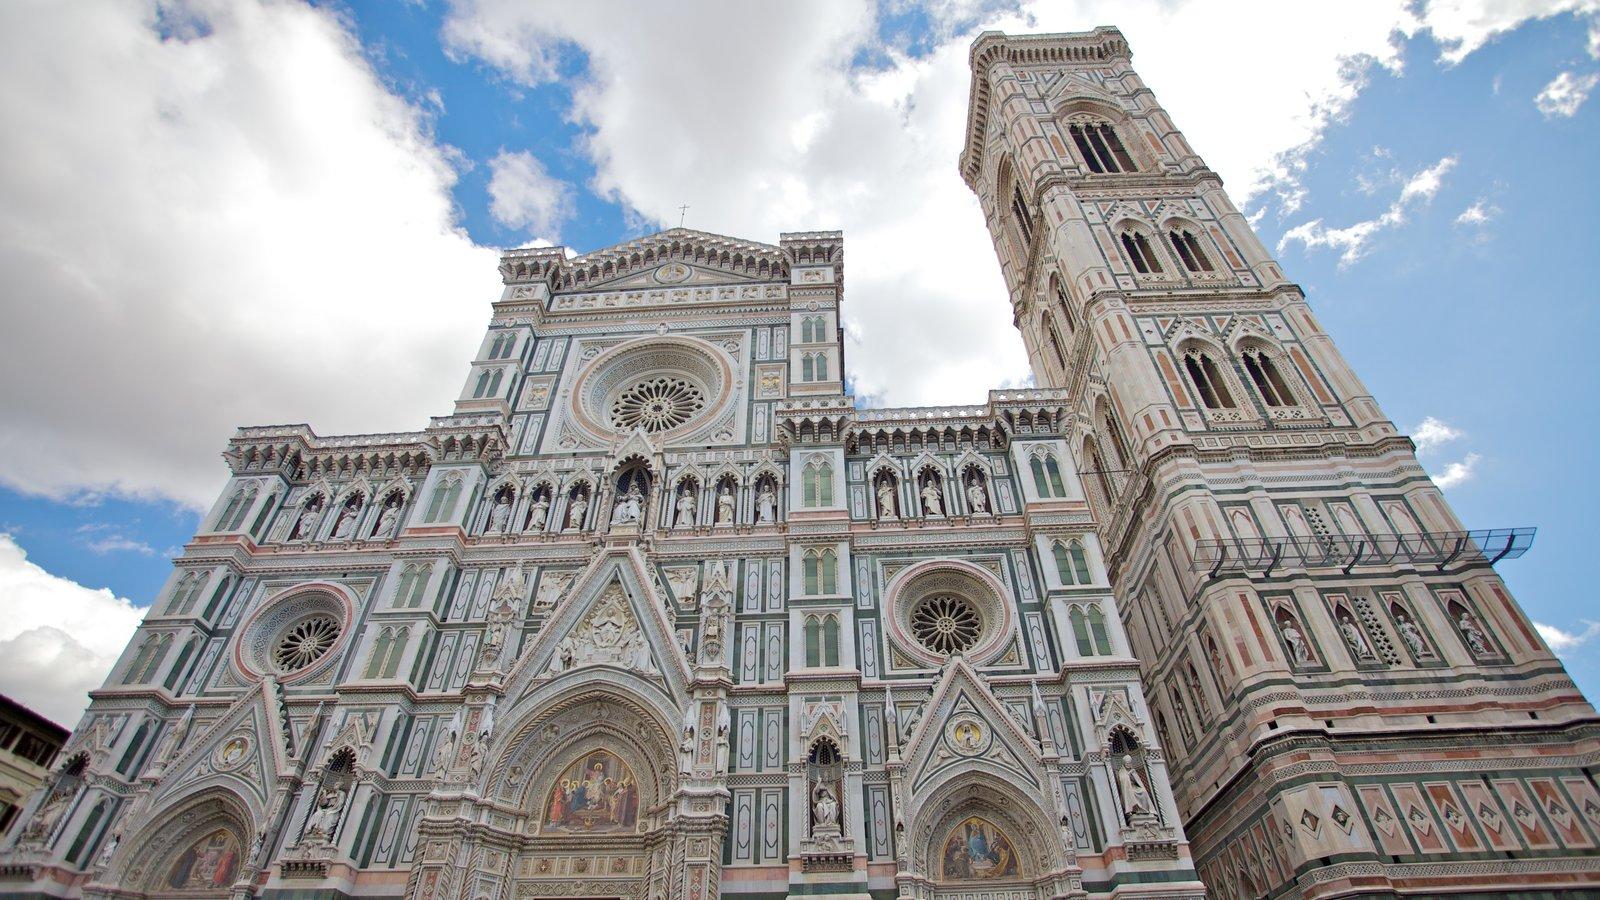 Catedral de Santa Maria del Fiore que inclui arquitetura de patrimônio, elementos religiosos e uma igreja ou catedral